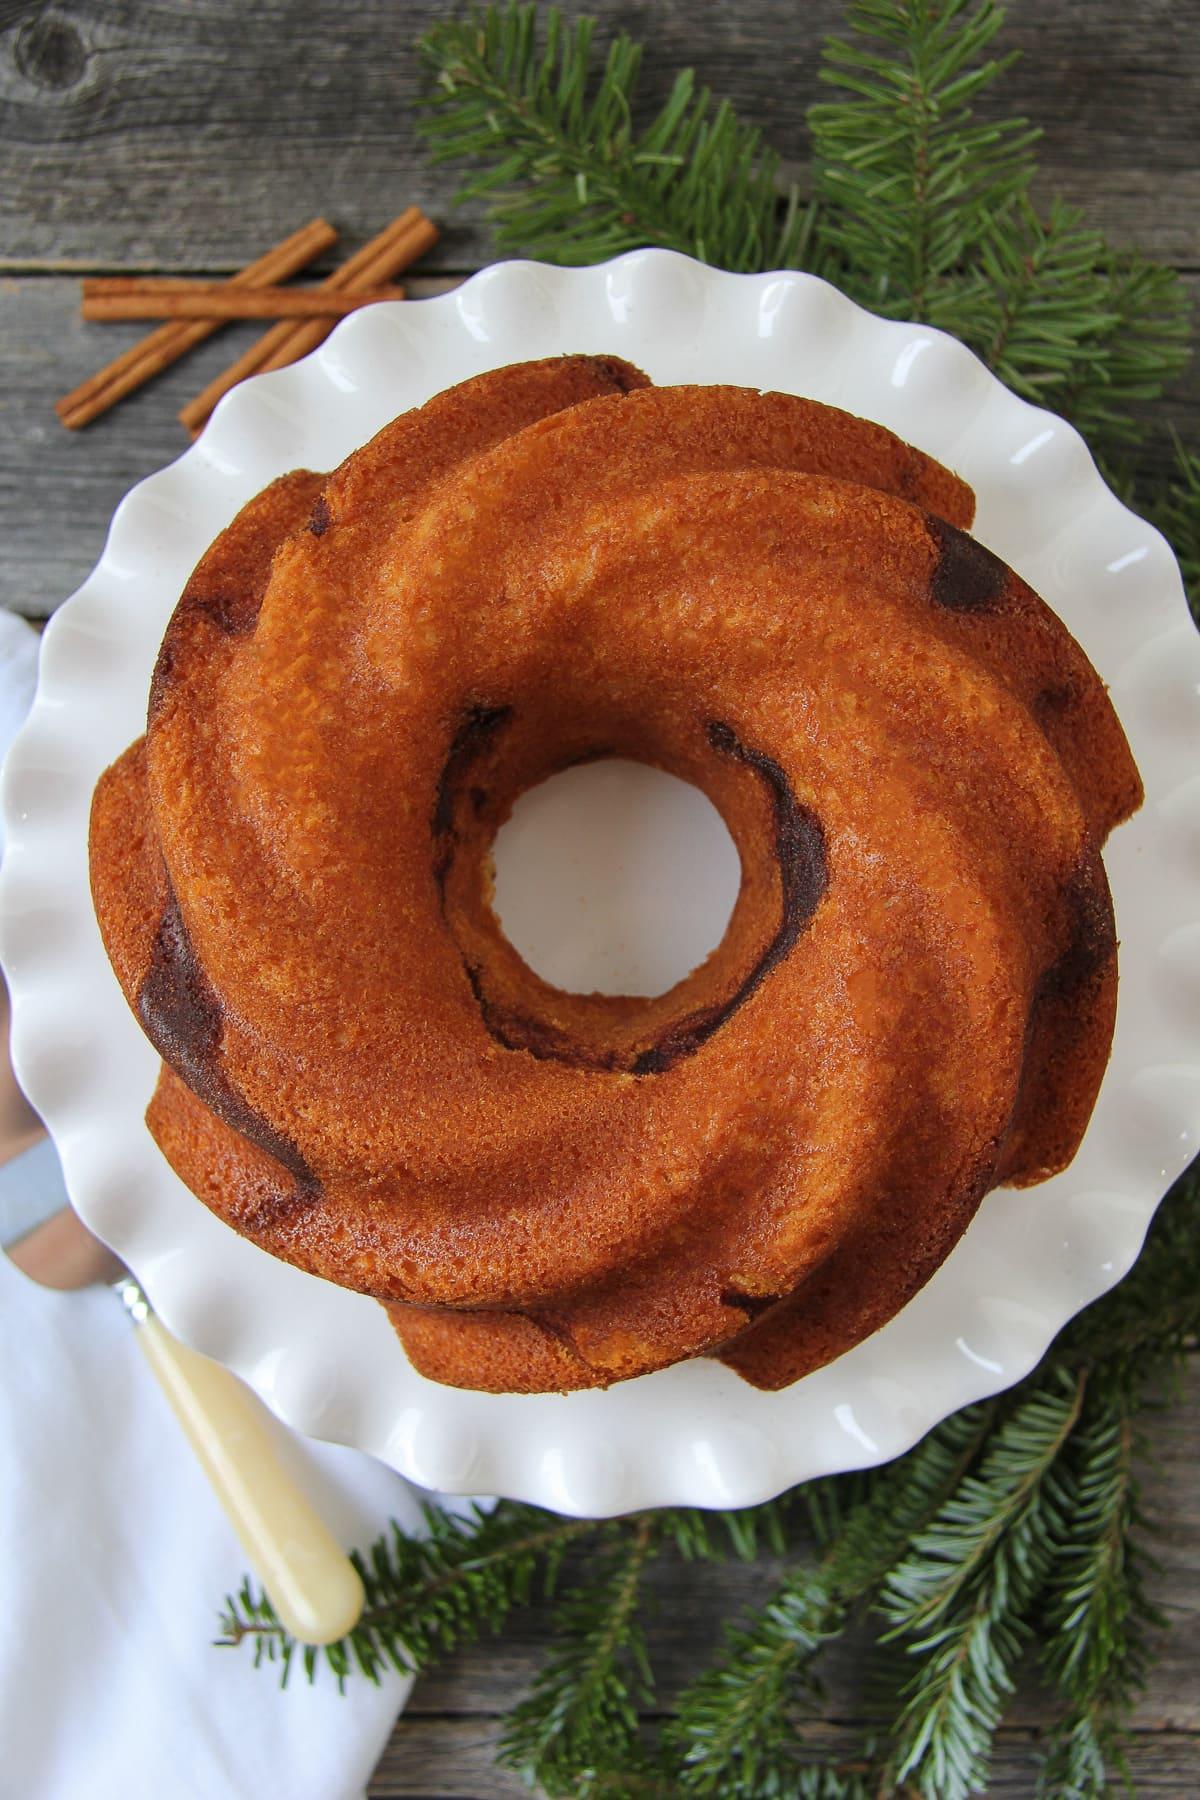 Vanilla And Chocolate Swirl Bundt Cake